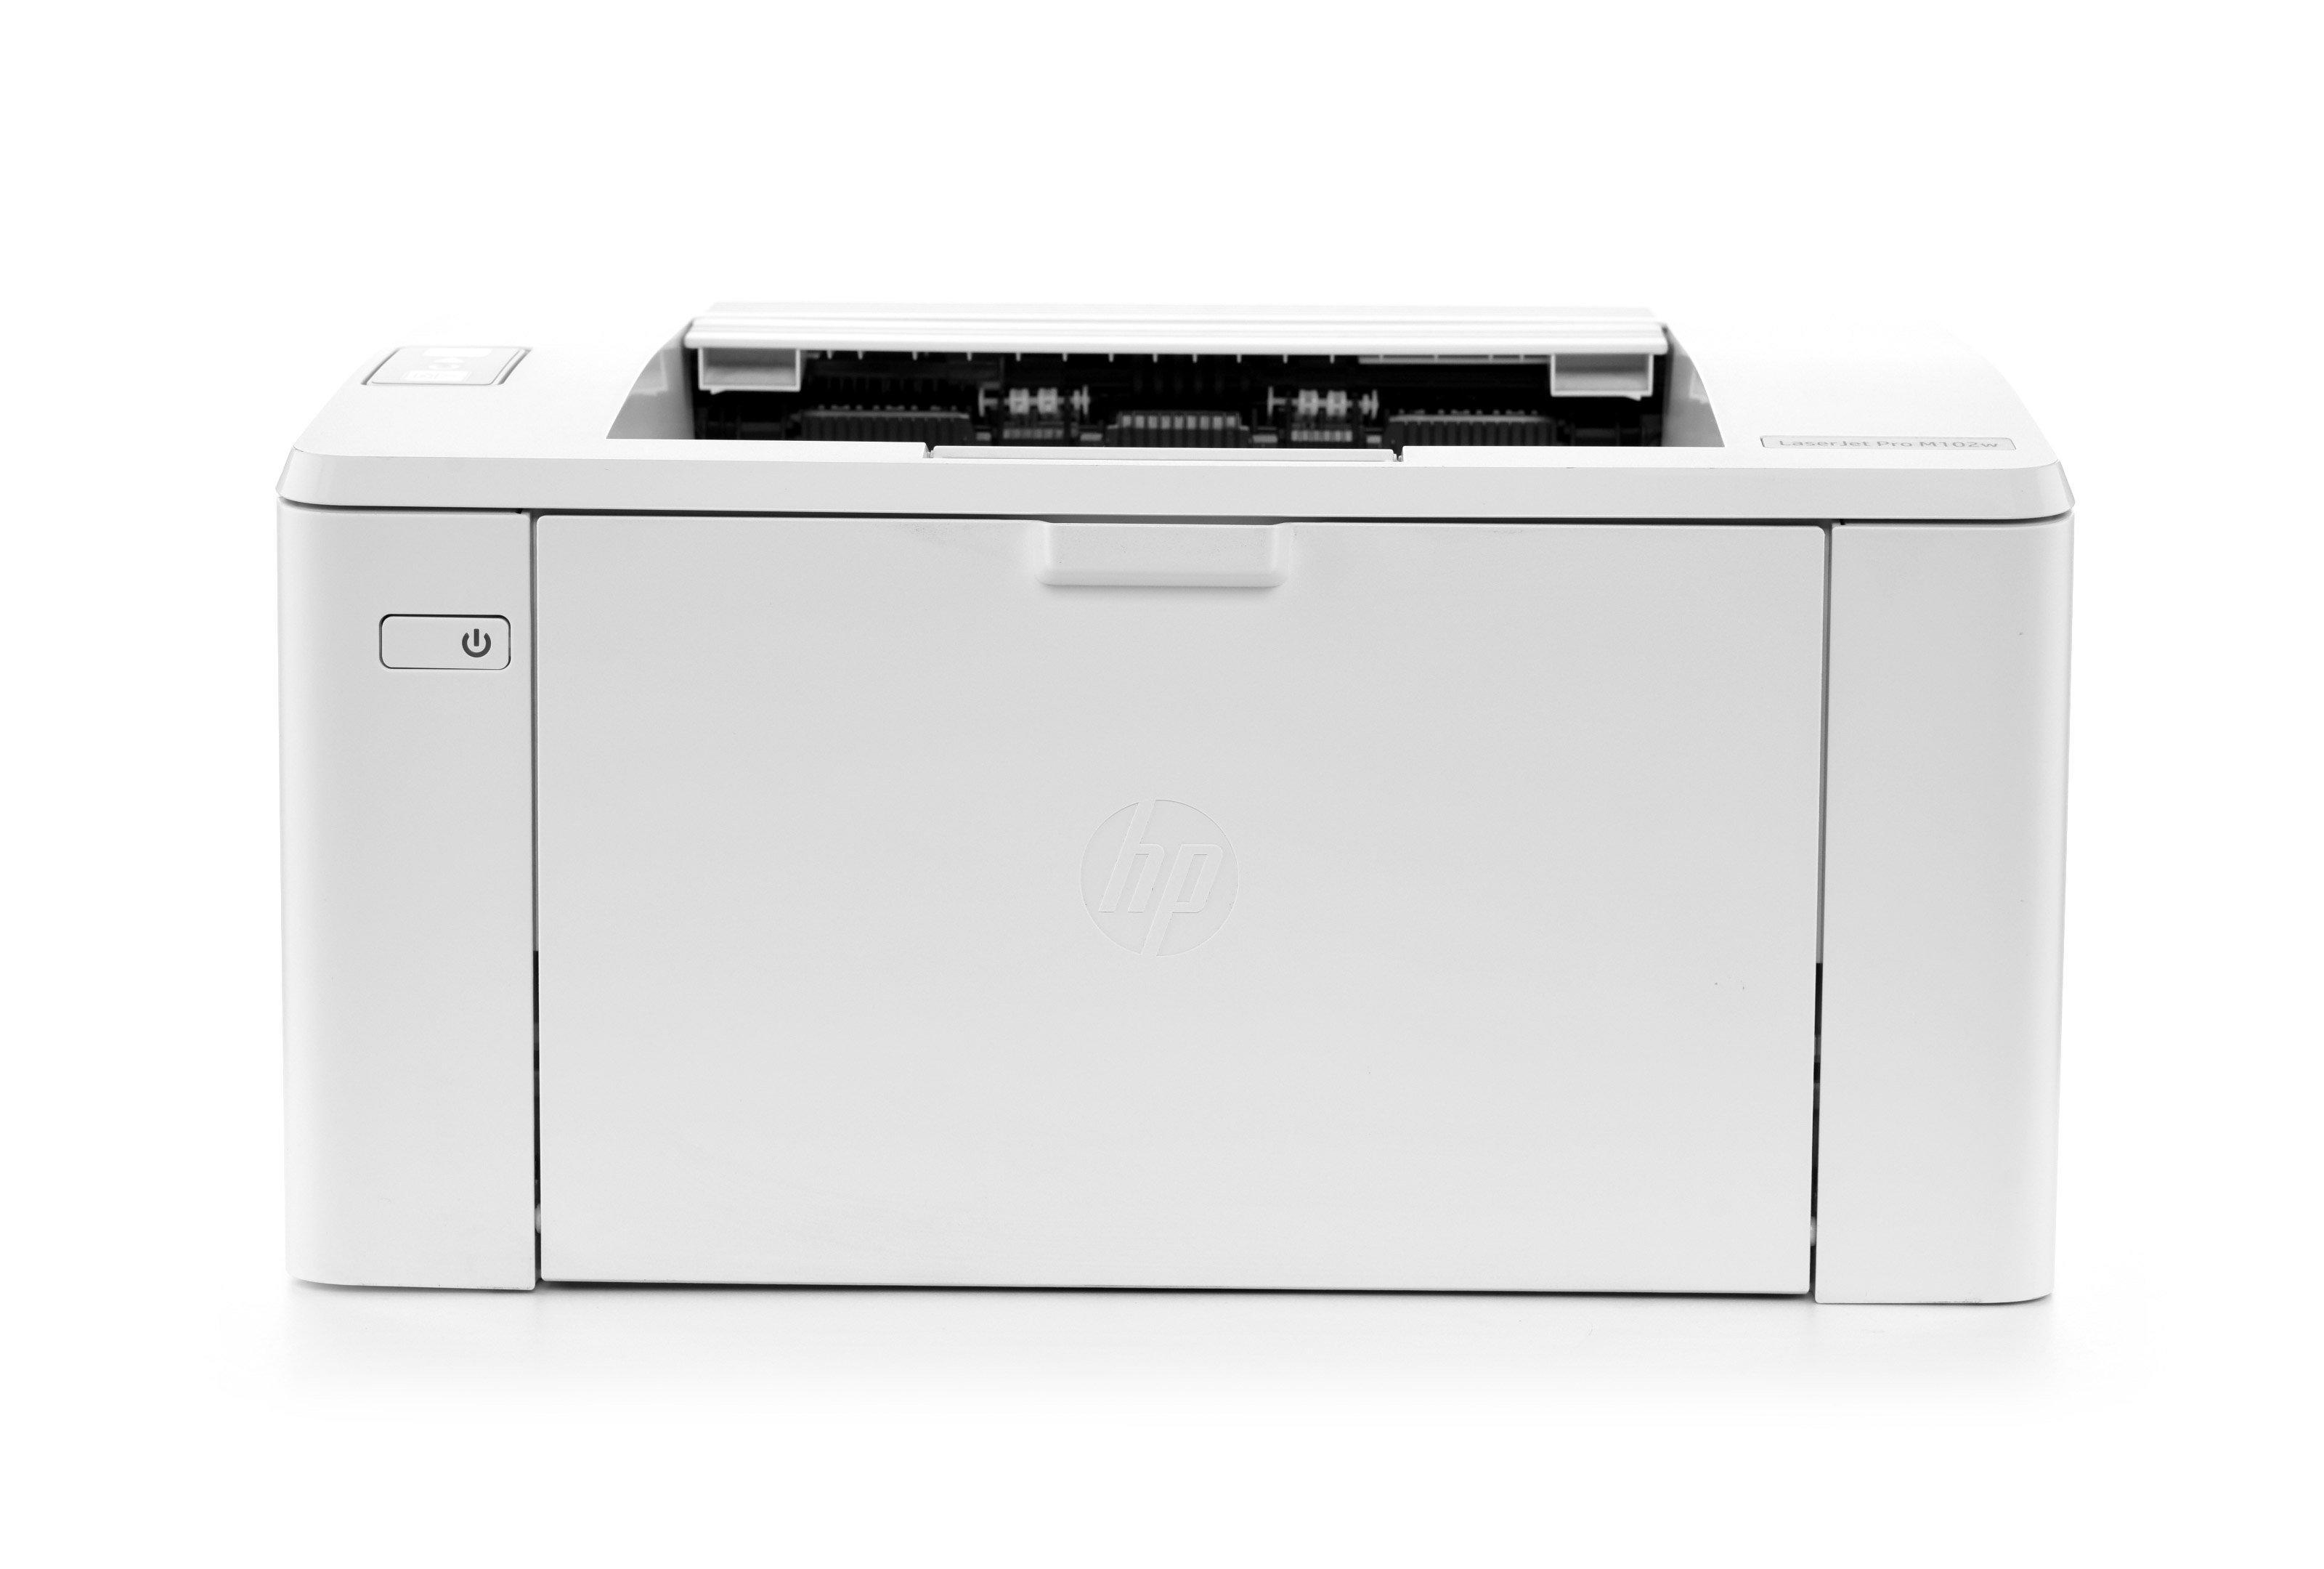 Hp Laserjet Pro M102a Mobile Printer White Price In Saudi Arabia Extra Stores Saudi Arabia Kanbkam